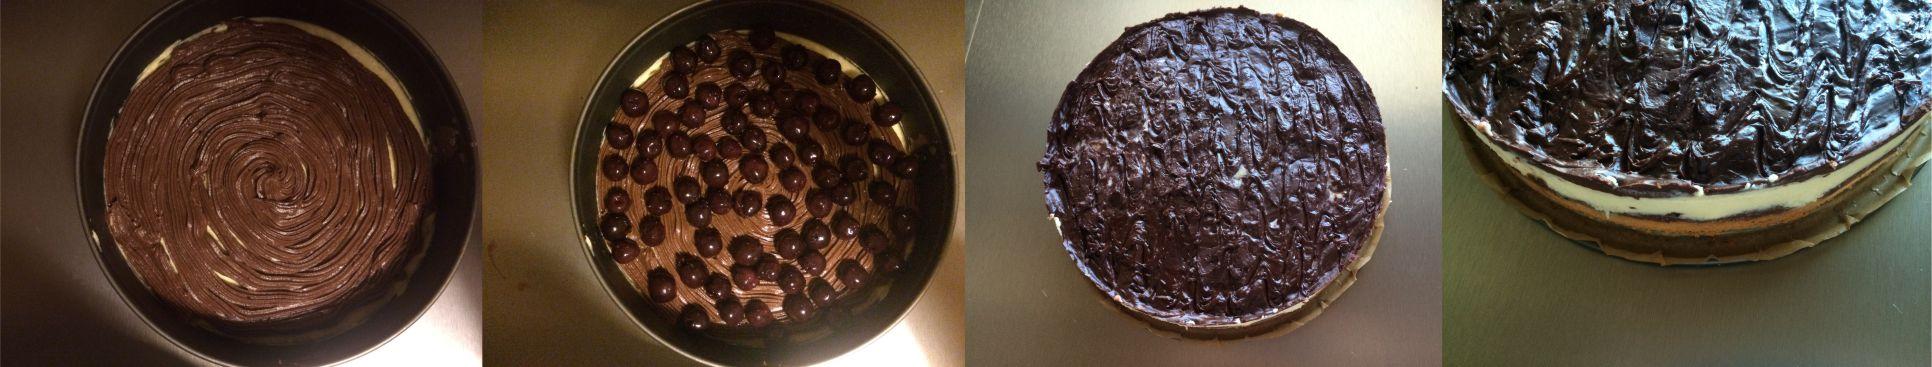 donauwellen Torte zubereitung